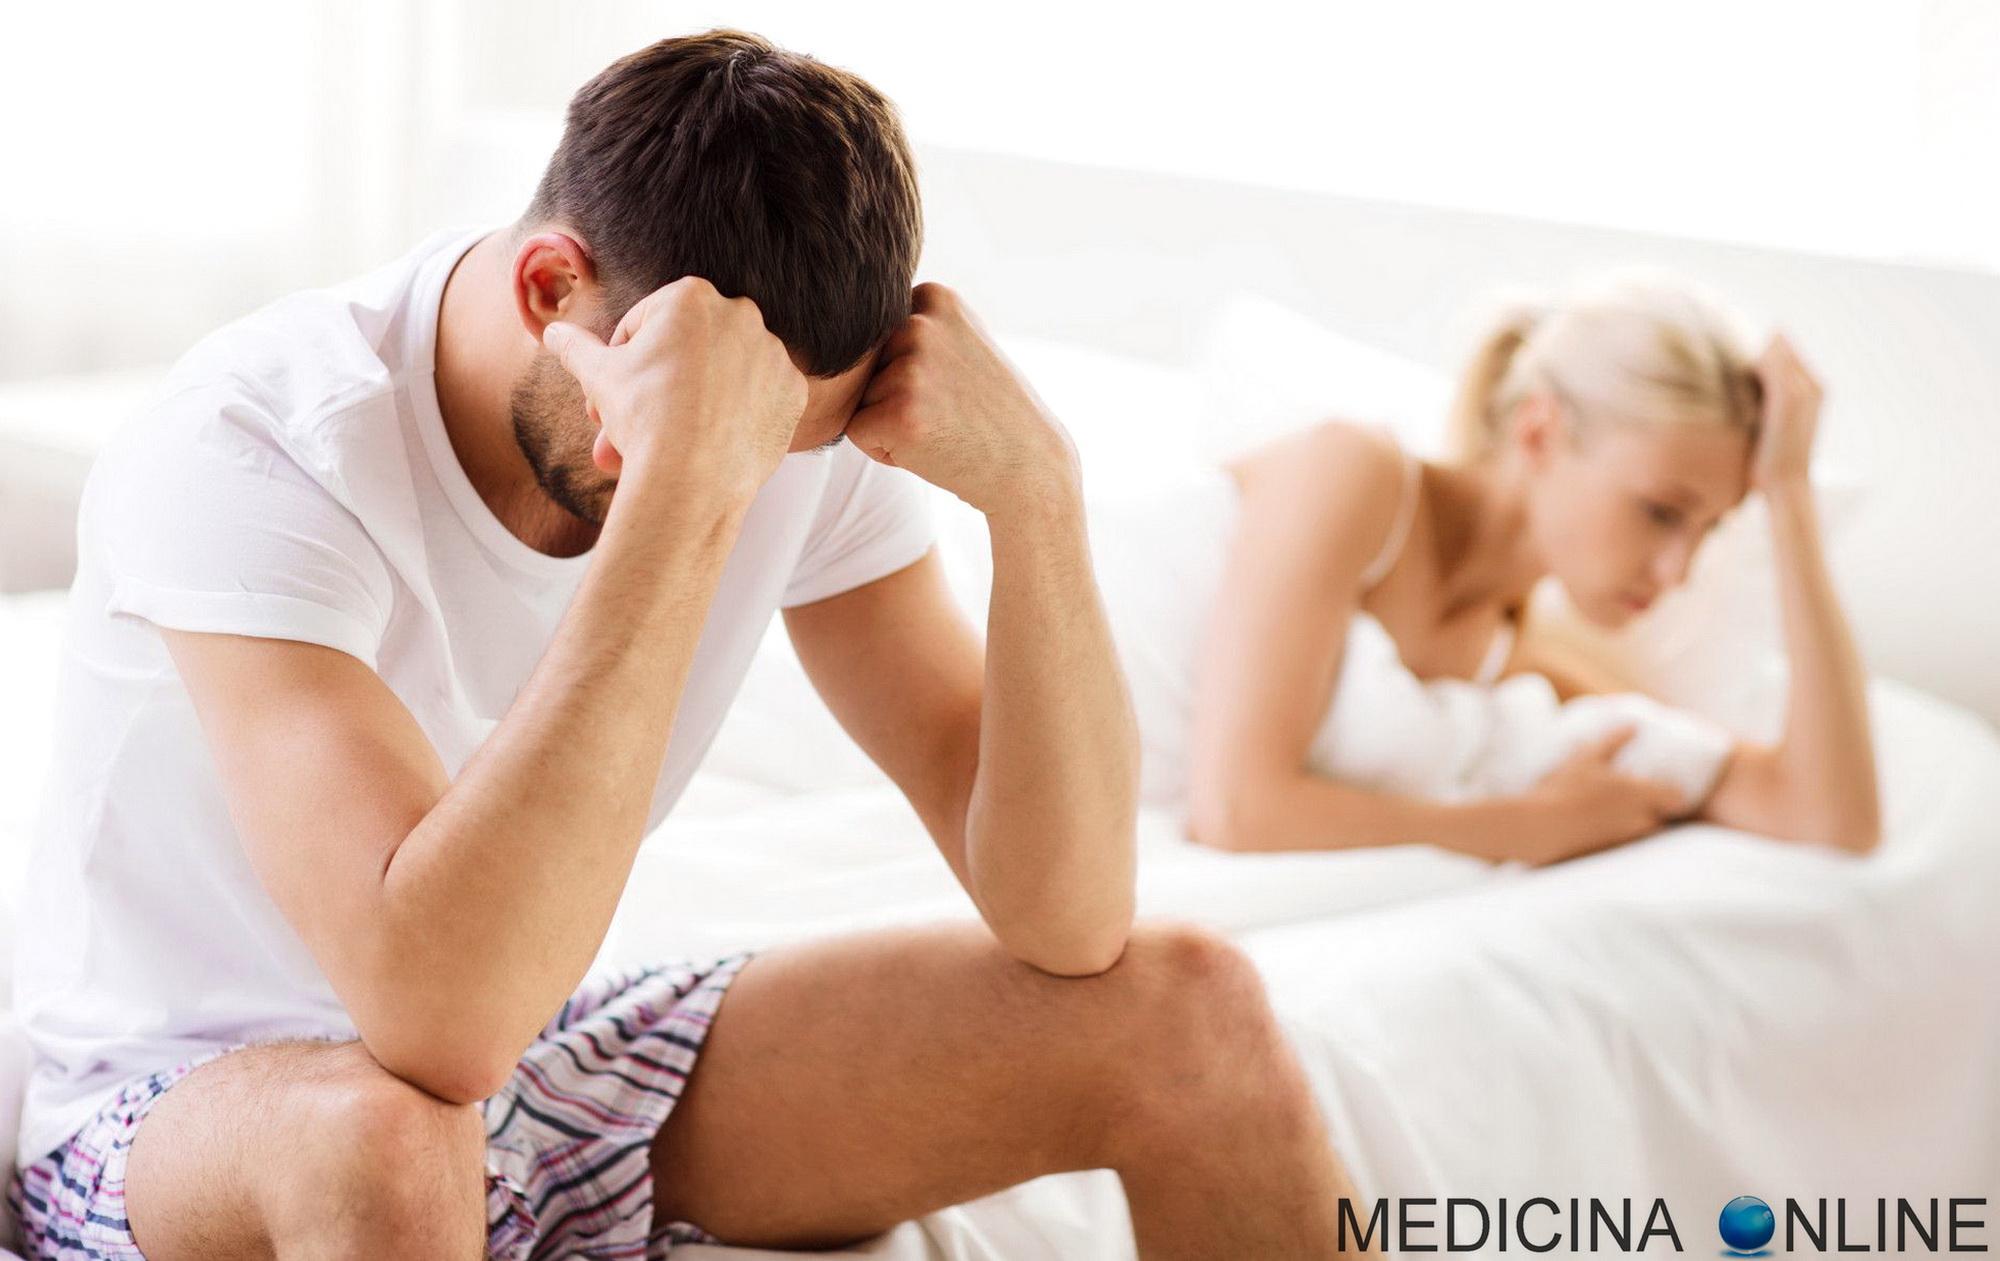 MEDICINA ONLINE ANSIA DA PRESTAZIONE SESSO TRISTE SESSUALE PENE EREZIONE IMPOTENZA DISFUNZIONE ERETTILE PAURA TIMORE COPPIA MENTE PSICOLOGIA LETTO PENETRAZIONE MATRIMONIO FIDANZATI UOMO DONNA METODI CURA TERAPIA RIMEDI SEX